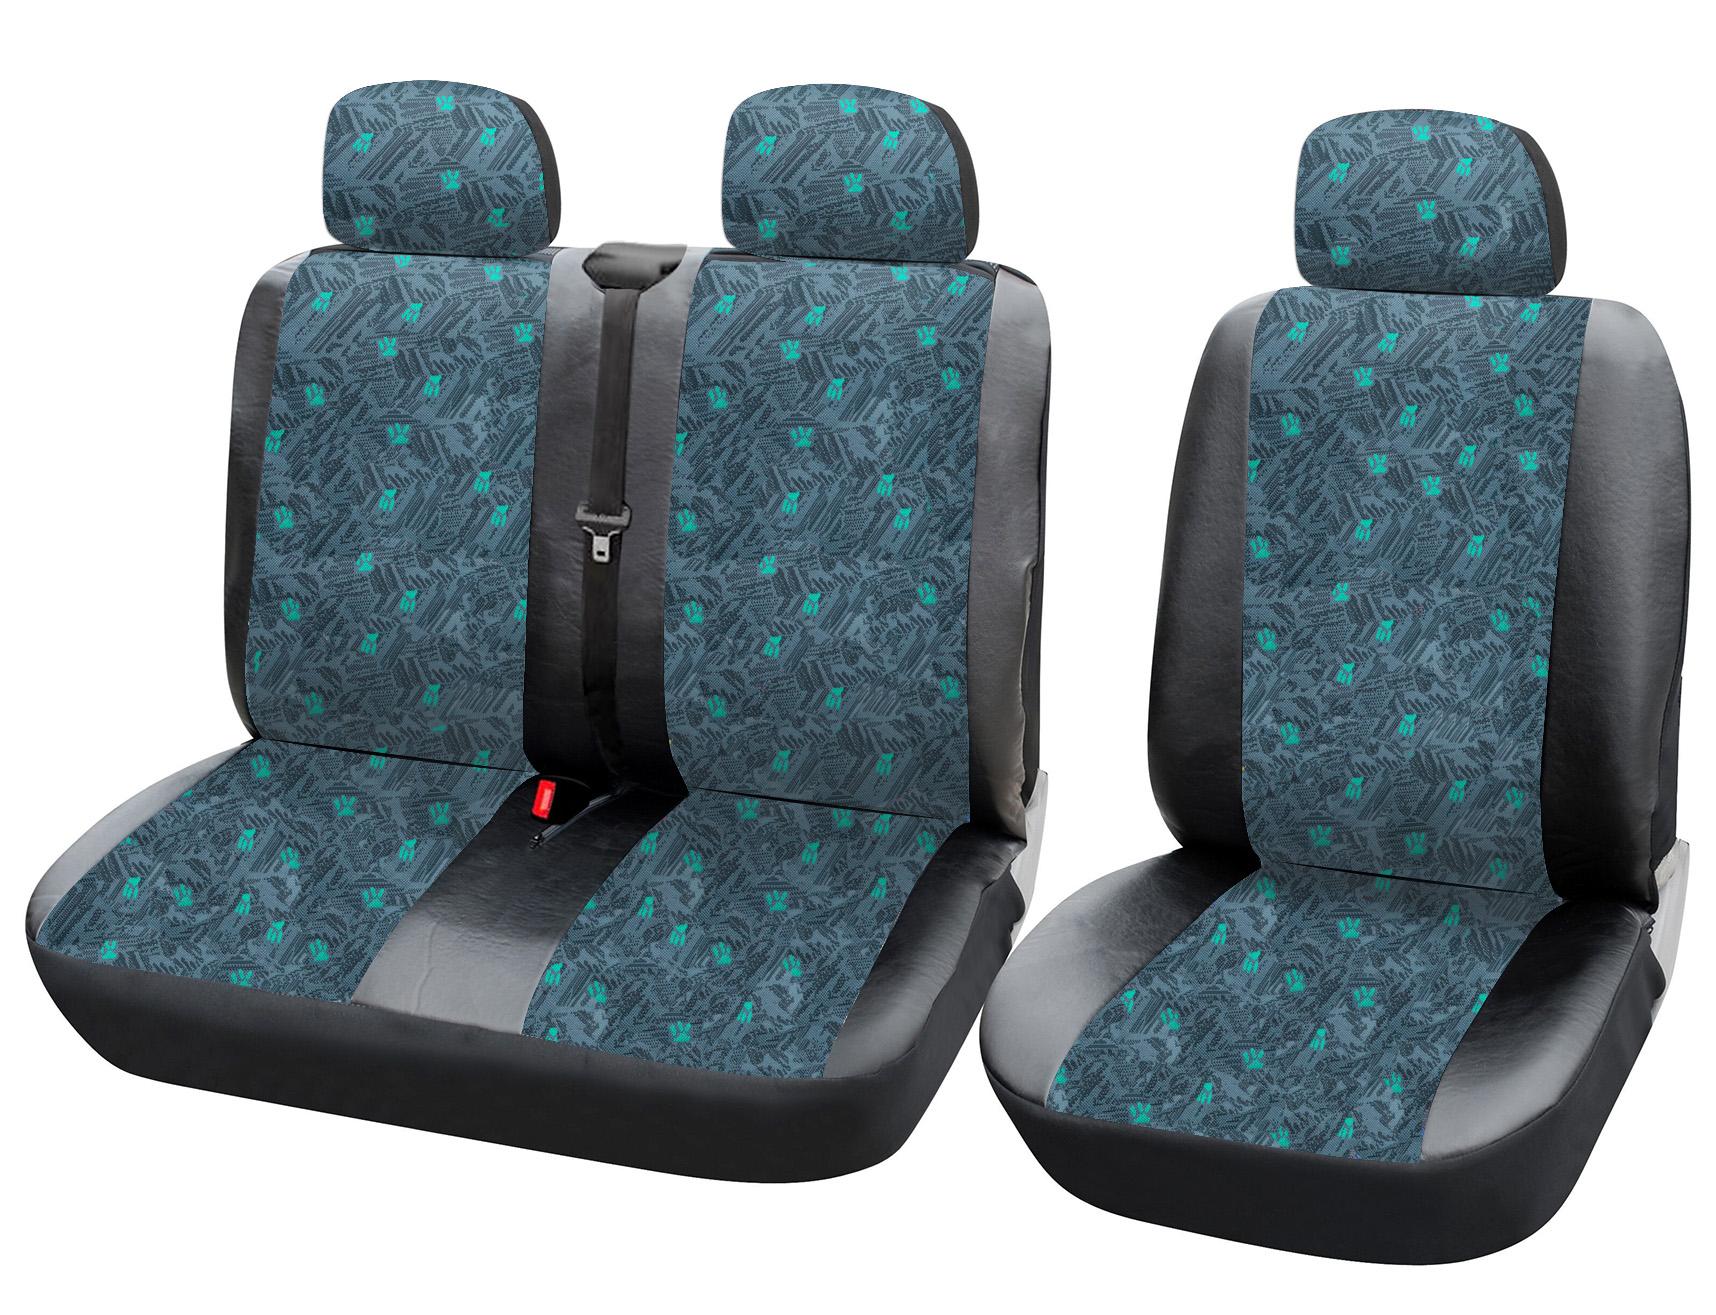 housse de si ge pour camion si ge housse en imitation cuir. Black Bedroom Furniture Sets. Home Design Ideas